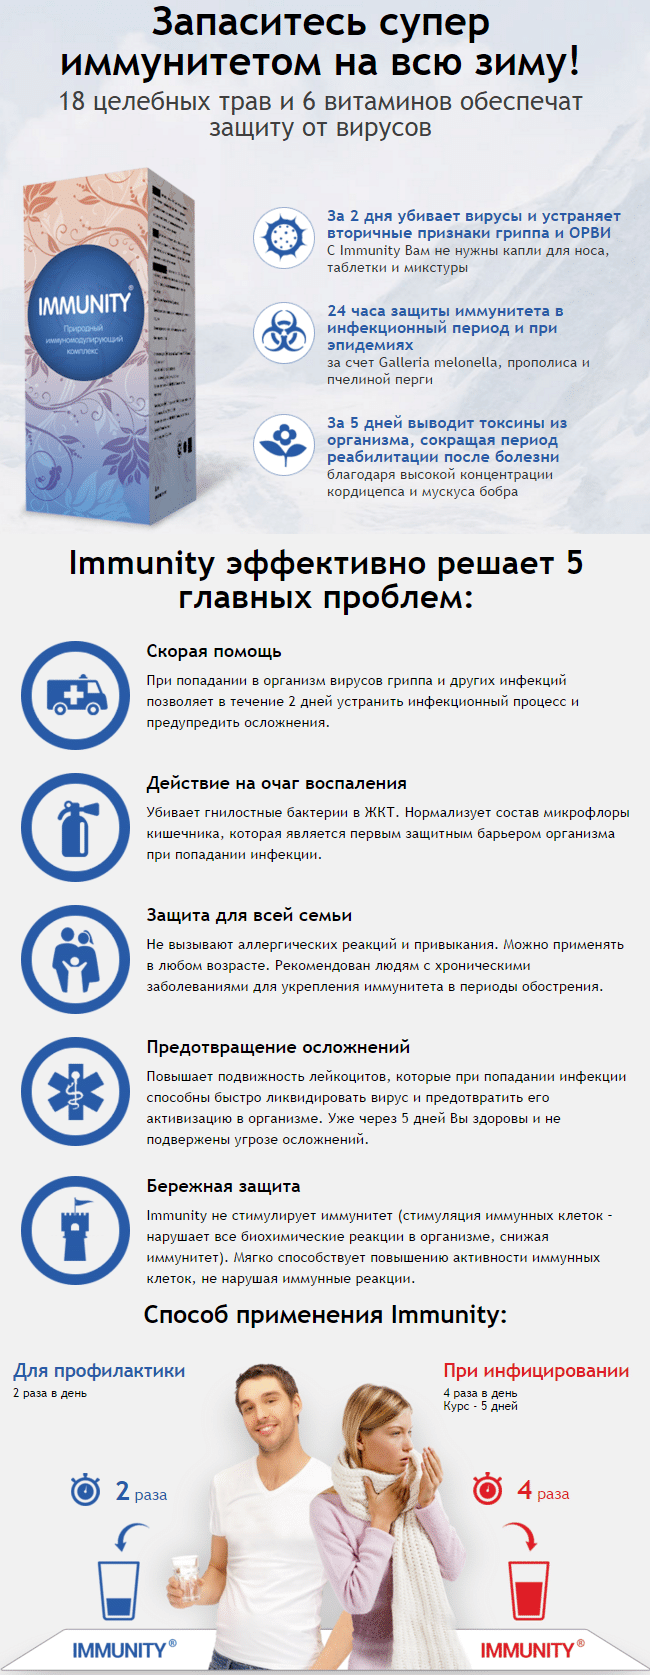 Капли Immunity для повышения иммунитета - фото Капли Immunity